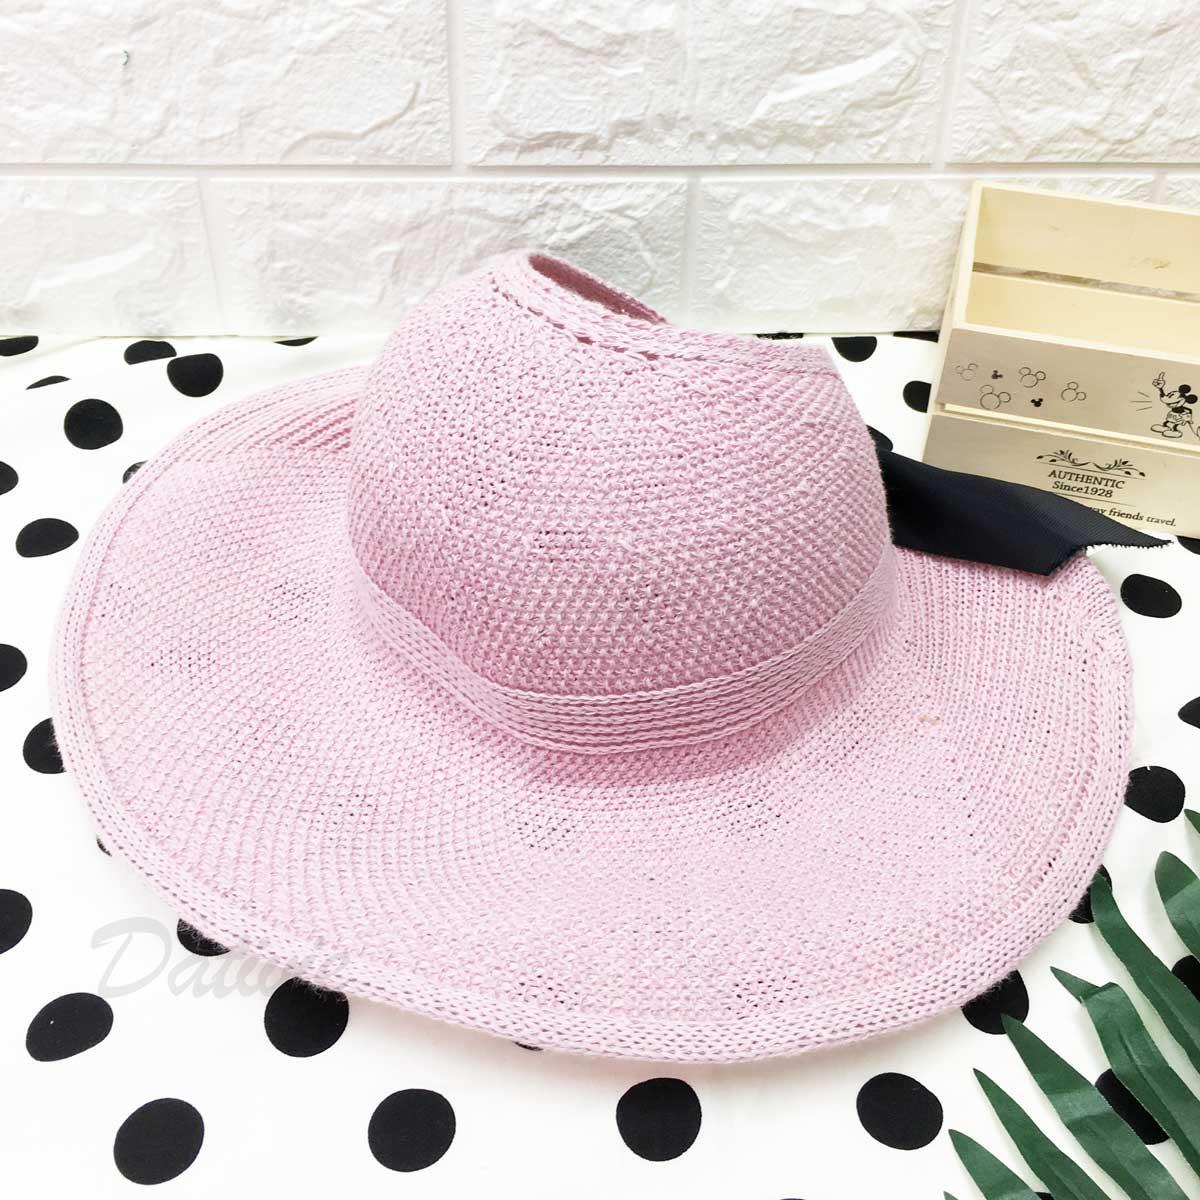 粉色 編織紋 後魔鬼氈 綁黑蝴蝶結 帽子 遮陽帽 草帽